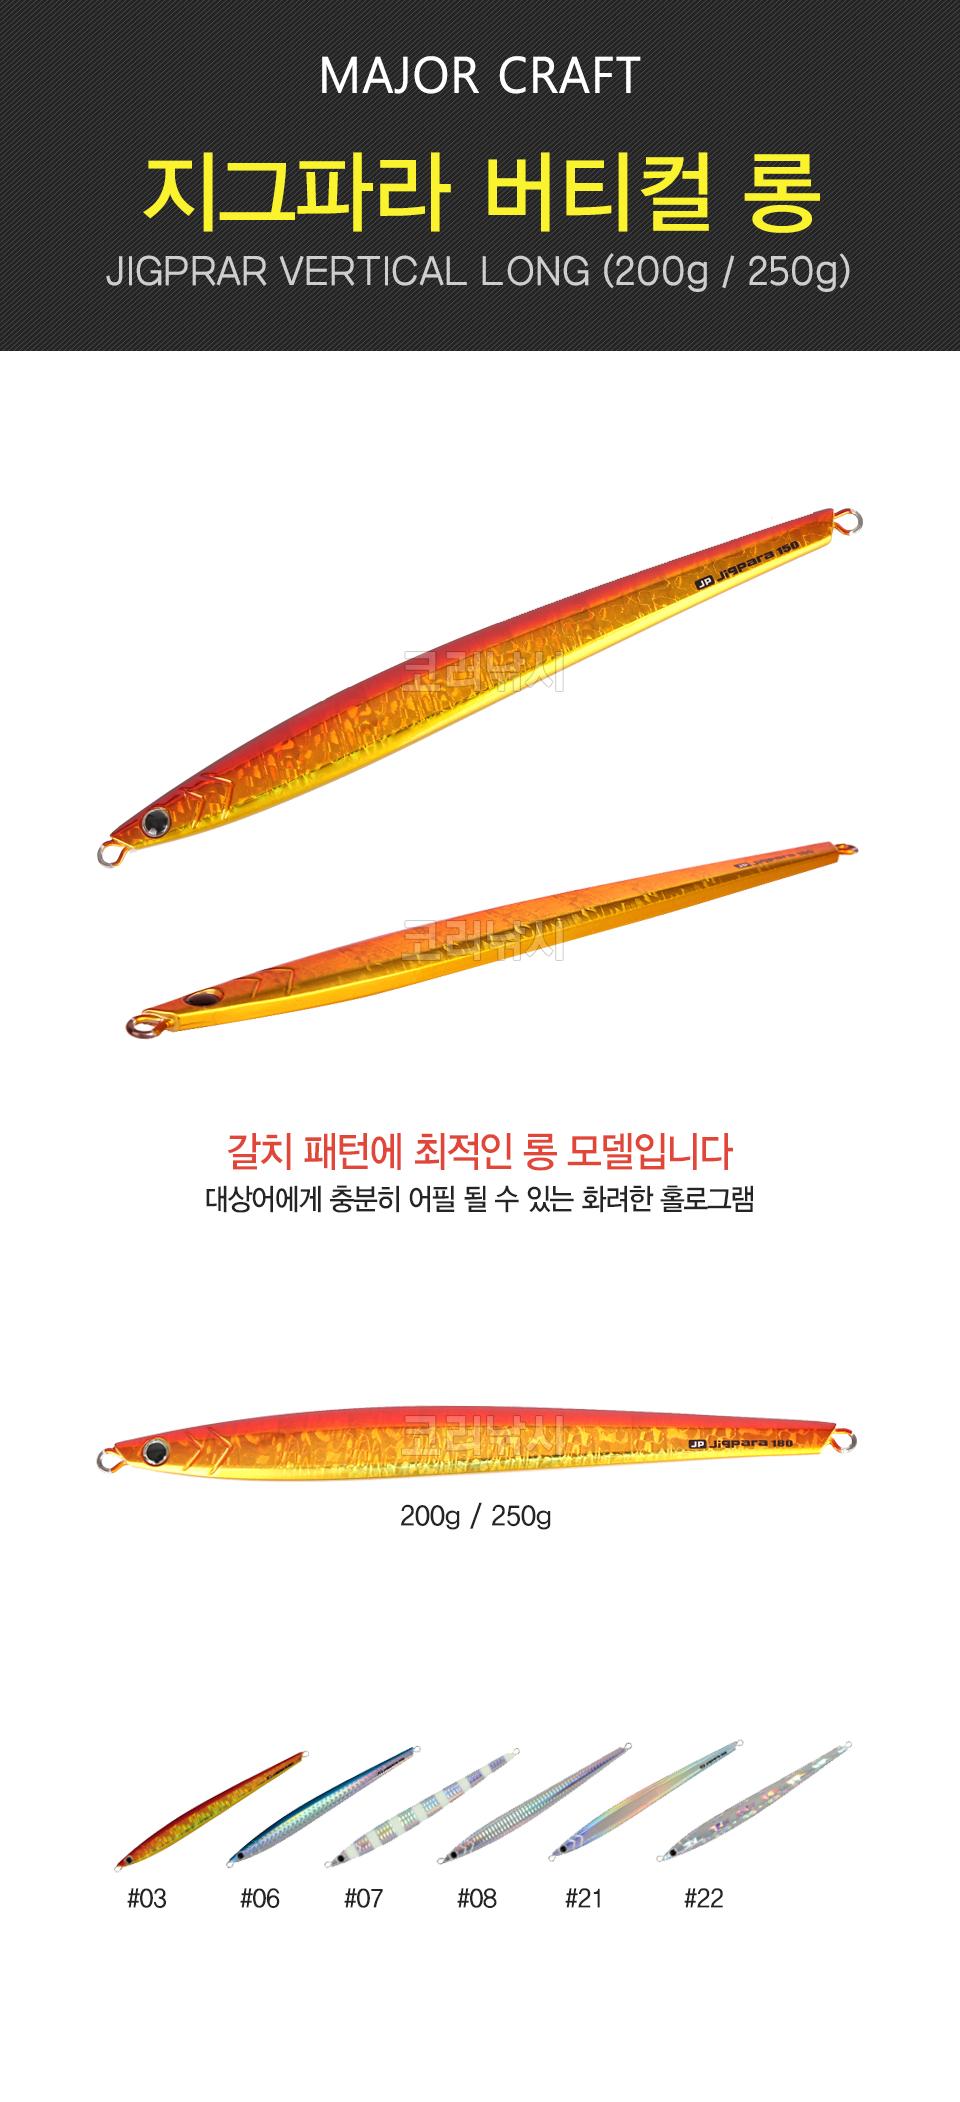 메이져크레프트 지그파라 버티컬 롱 (Jigpara Vertical Long) (200g,250g) 버티컬지깅 버티컬롱지그 롱버티컬지그 메이져메탈